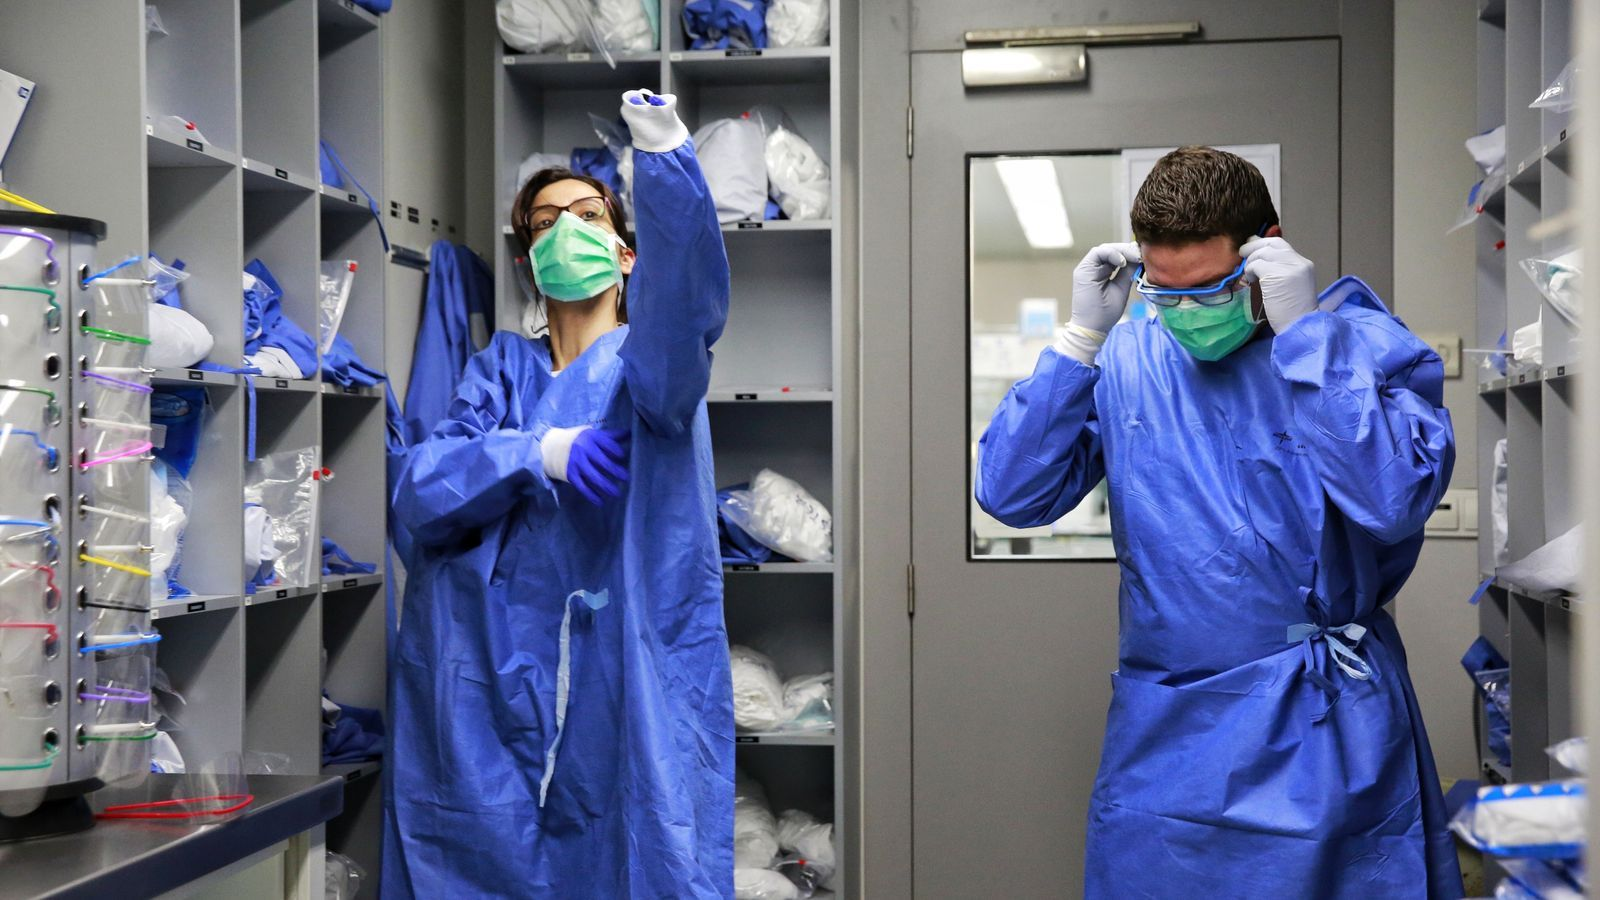 Organització hospitalària pel coronavirus a l'Hospital Germans Trias i Pujol